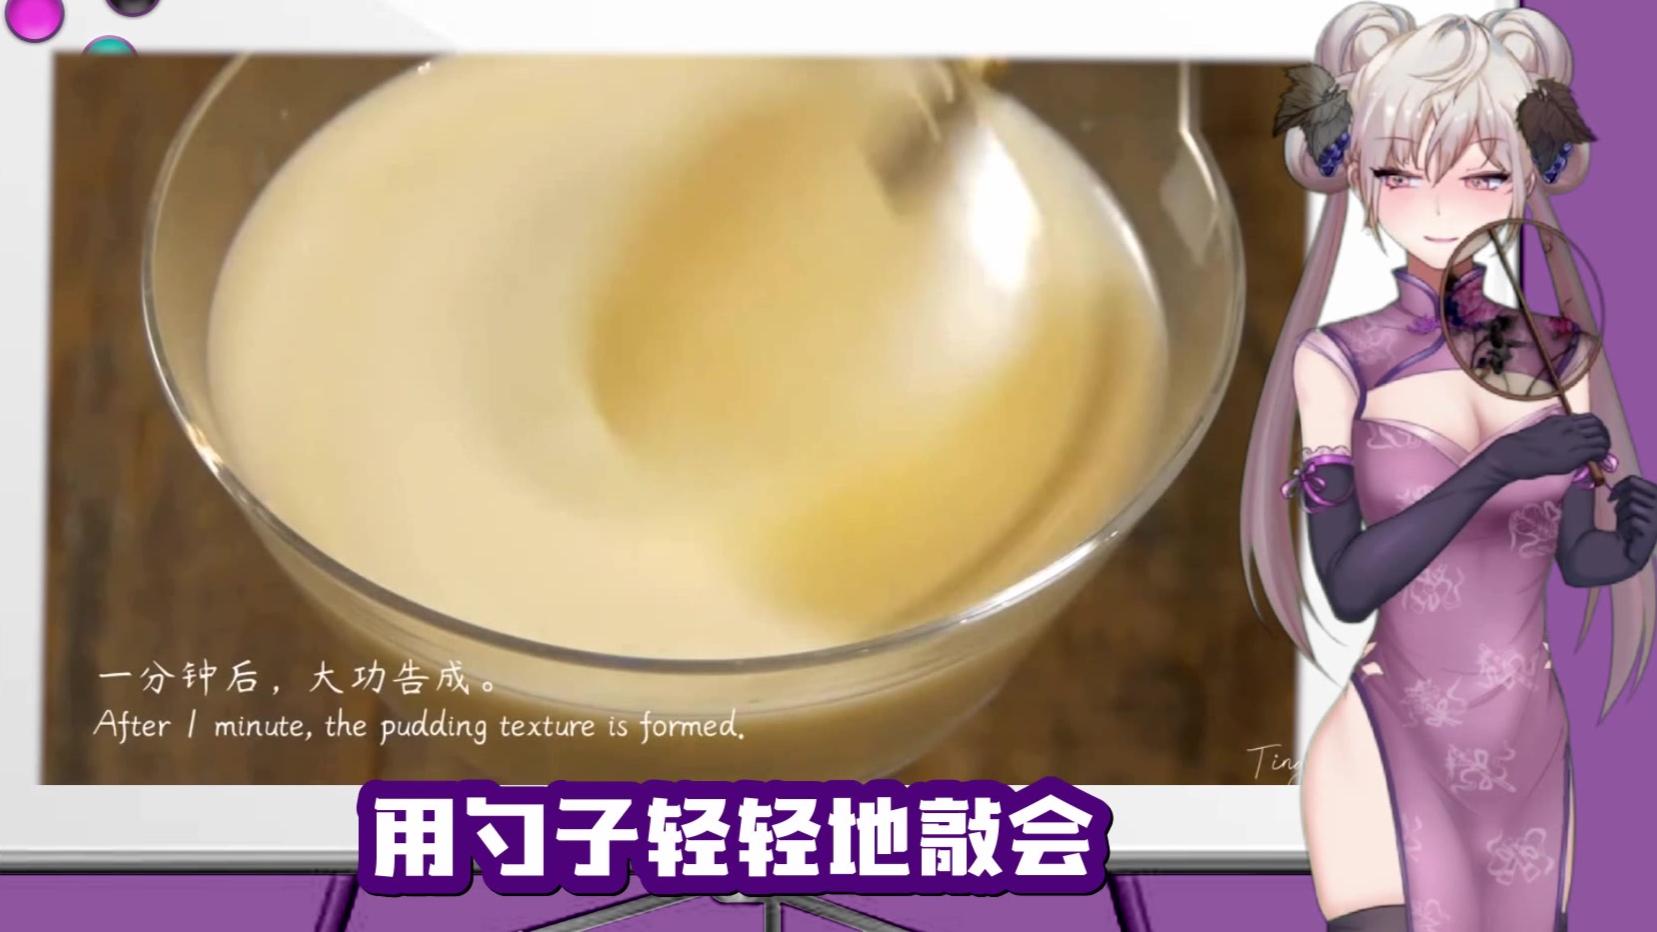 【A站独家】广式特色甜品介绍!